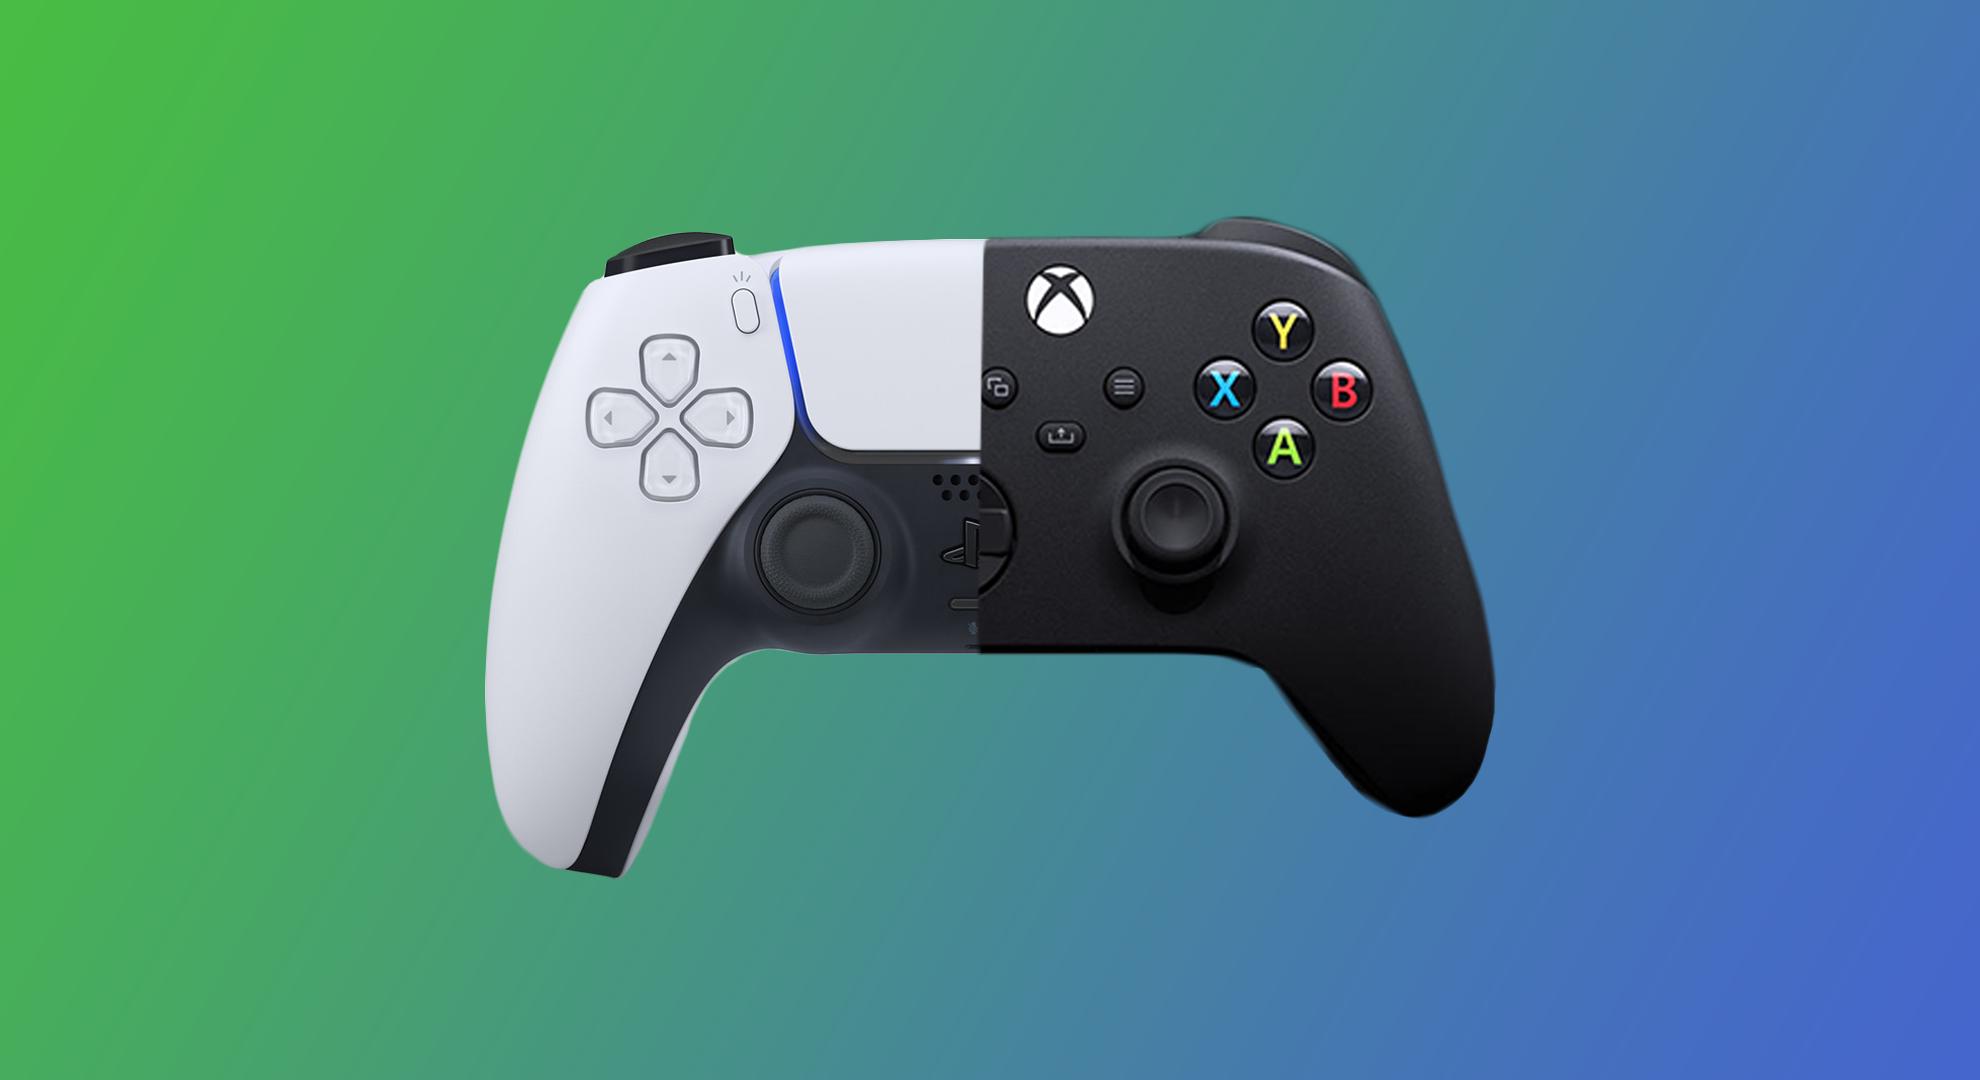 Microsoft ошарашила Sony, сделав Xbox Series X зверем в сравнении с PlayStation 5 — бывший разработчик PlayStation